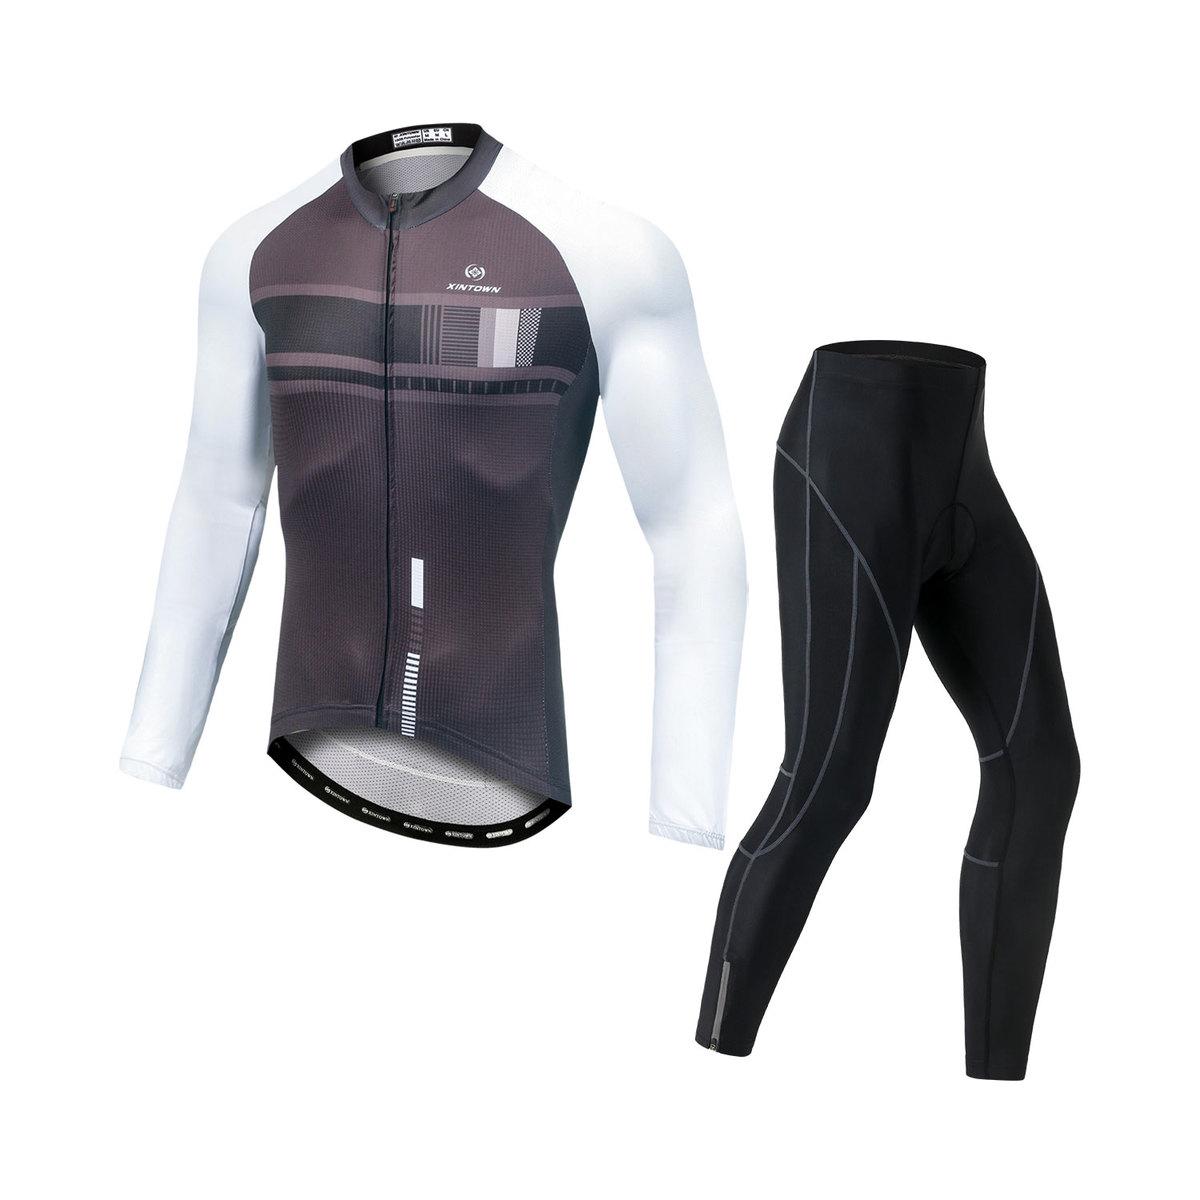 サイクルジャージ サイクルウェア メンズ 薄手長袖 上下セット サイクルパンツ ゲルパット 上等 男性用 自転車 速乾 吸汗 メーカー在庫限り品